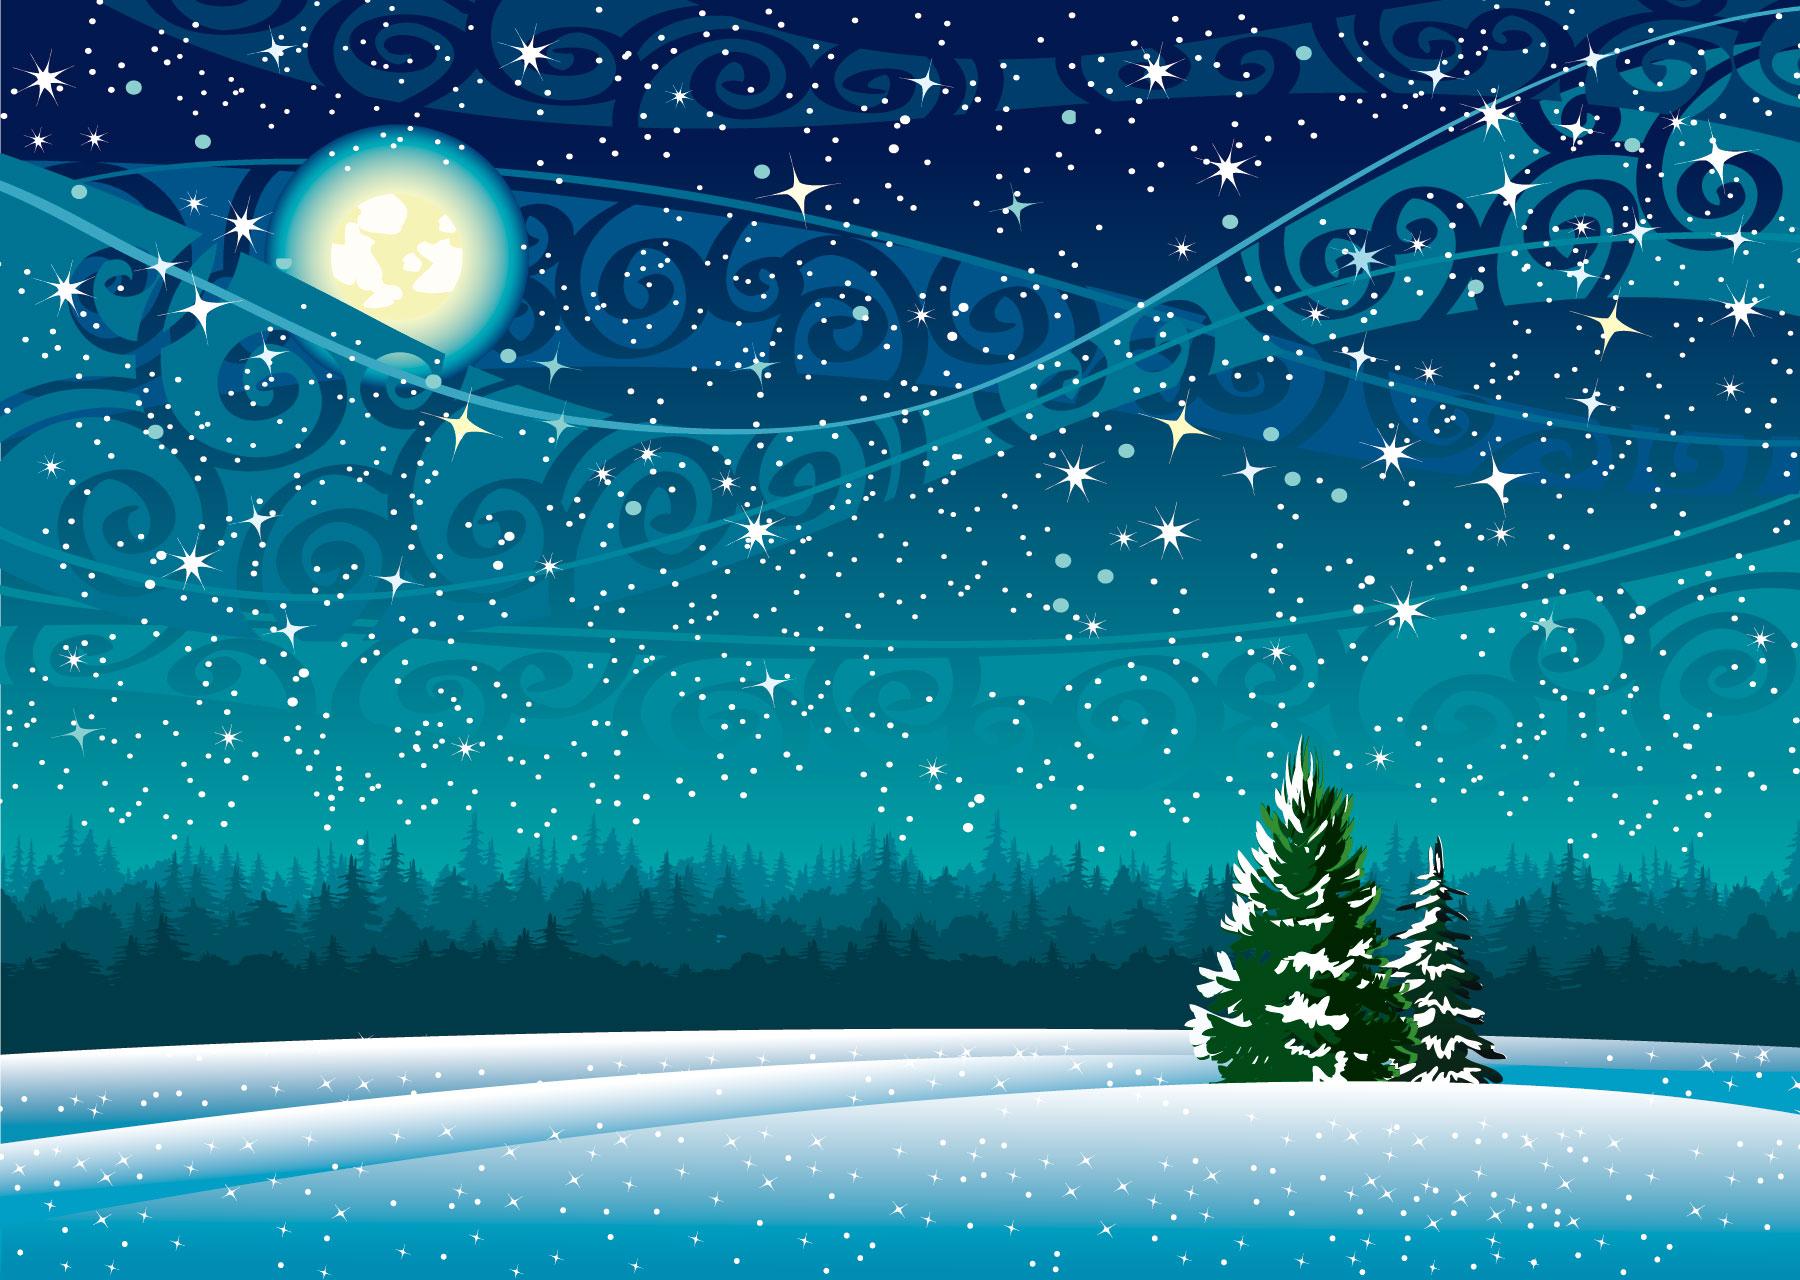 画像 : クリスマス・冬・雪景色 ... : イラスト 無料 カレンダー : イラスト